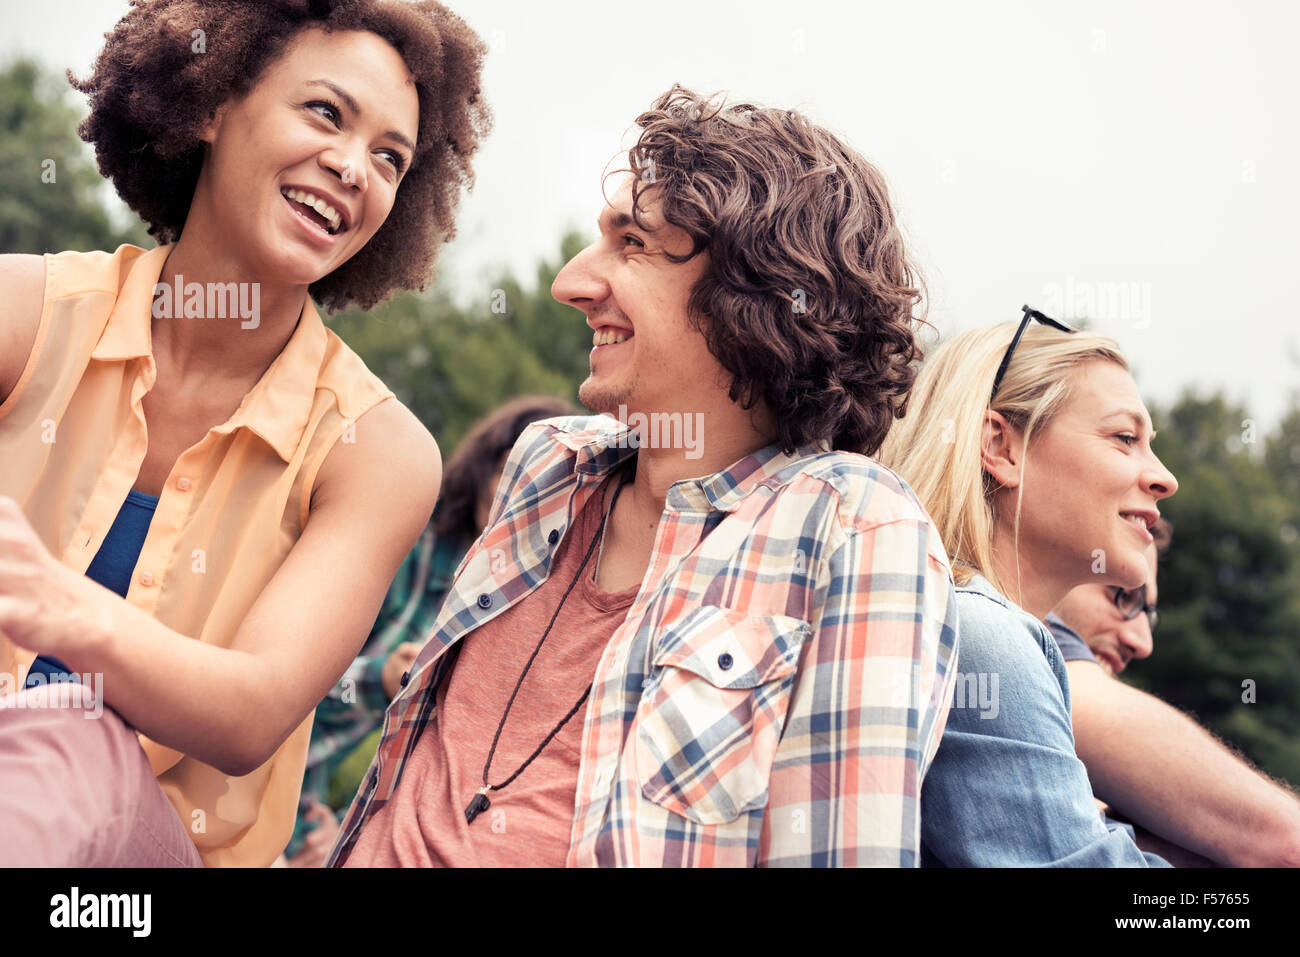 Ein junges Paar, Mann und Frau unter anderem im Freien in der Natur. Stockbild